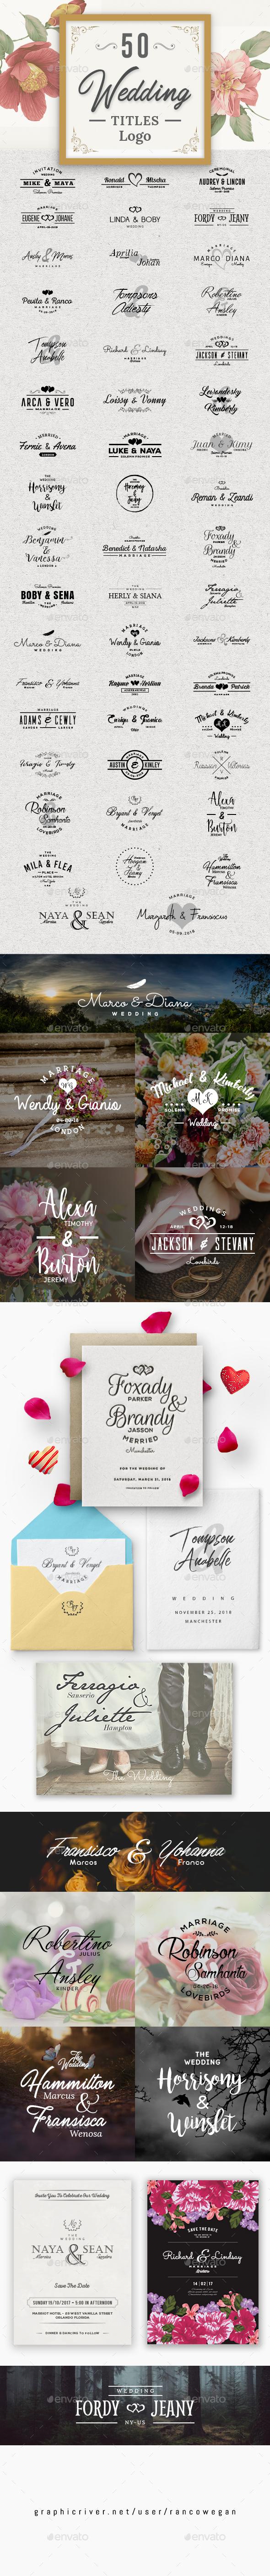 50 Wedding Titles Logo by rancowegan | GraphicRiver